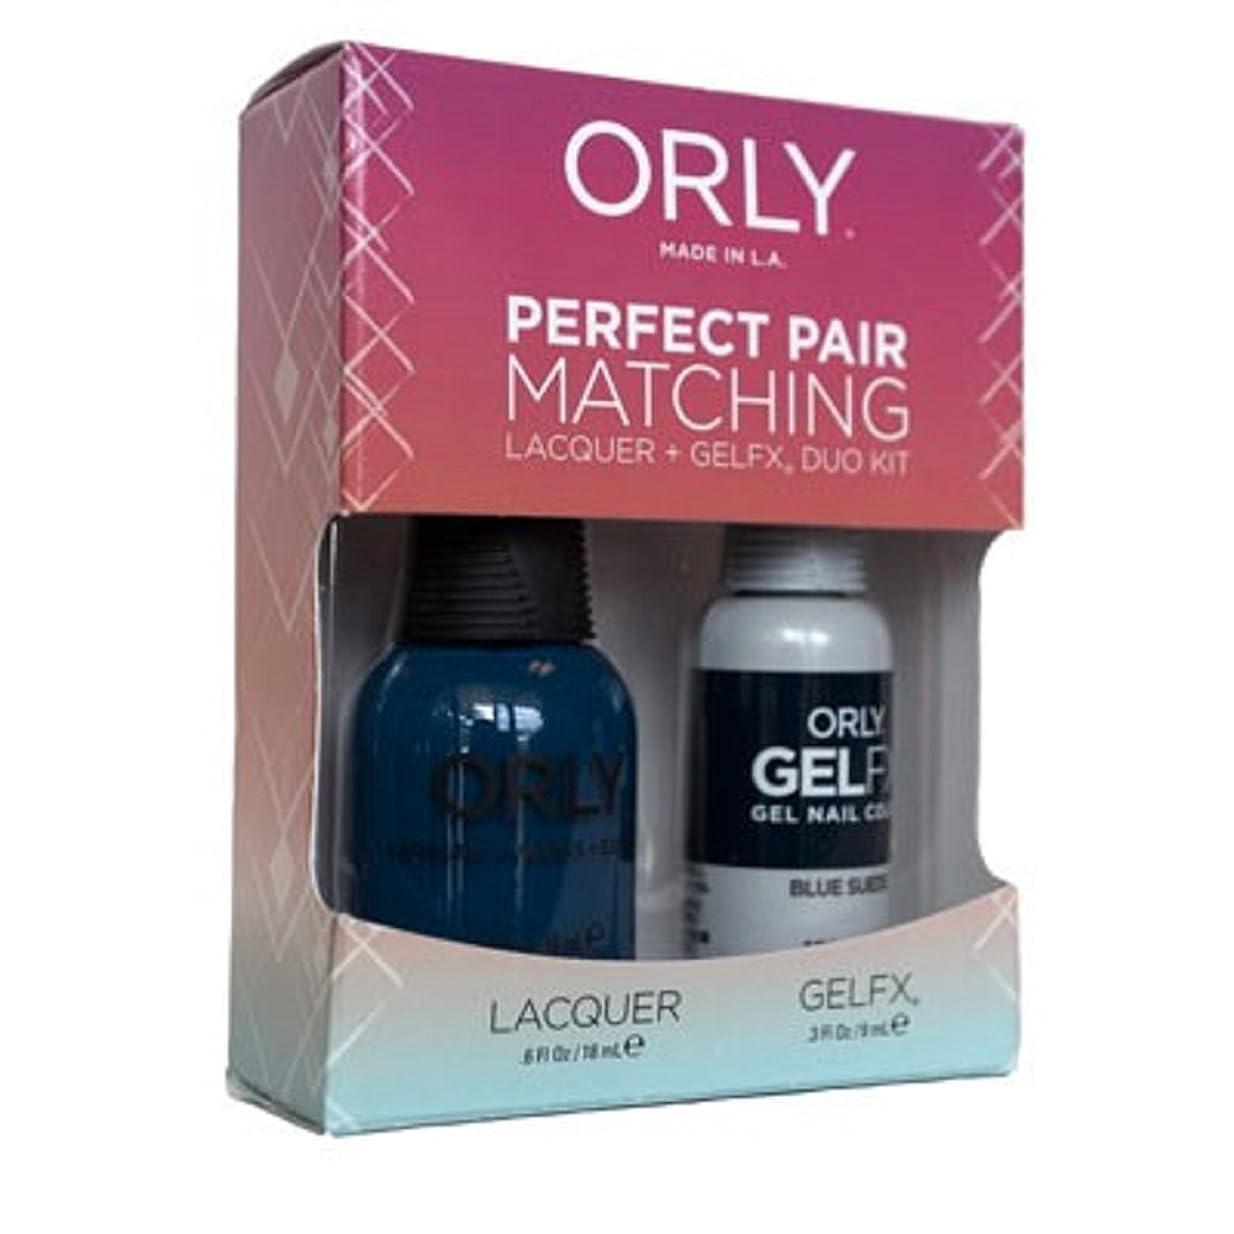 ライトニング以上感染するOrly - Perfect Pair Matching Lacquer+Gel FX Kit - Blue Suede - 0.6 oz/0.3 oz